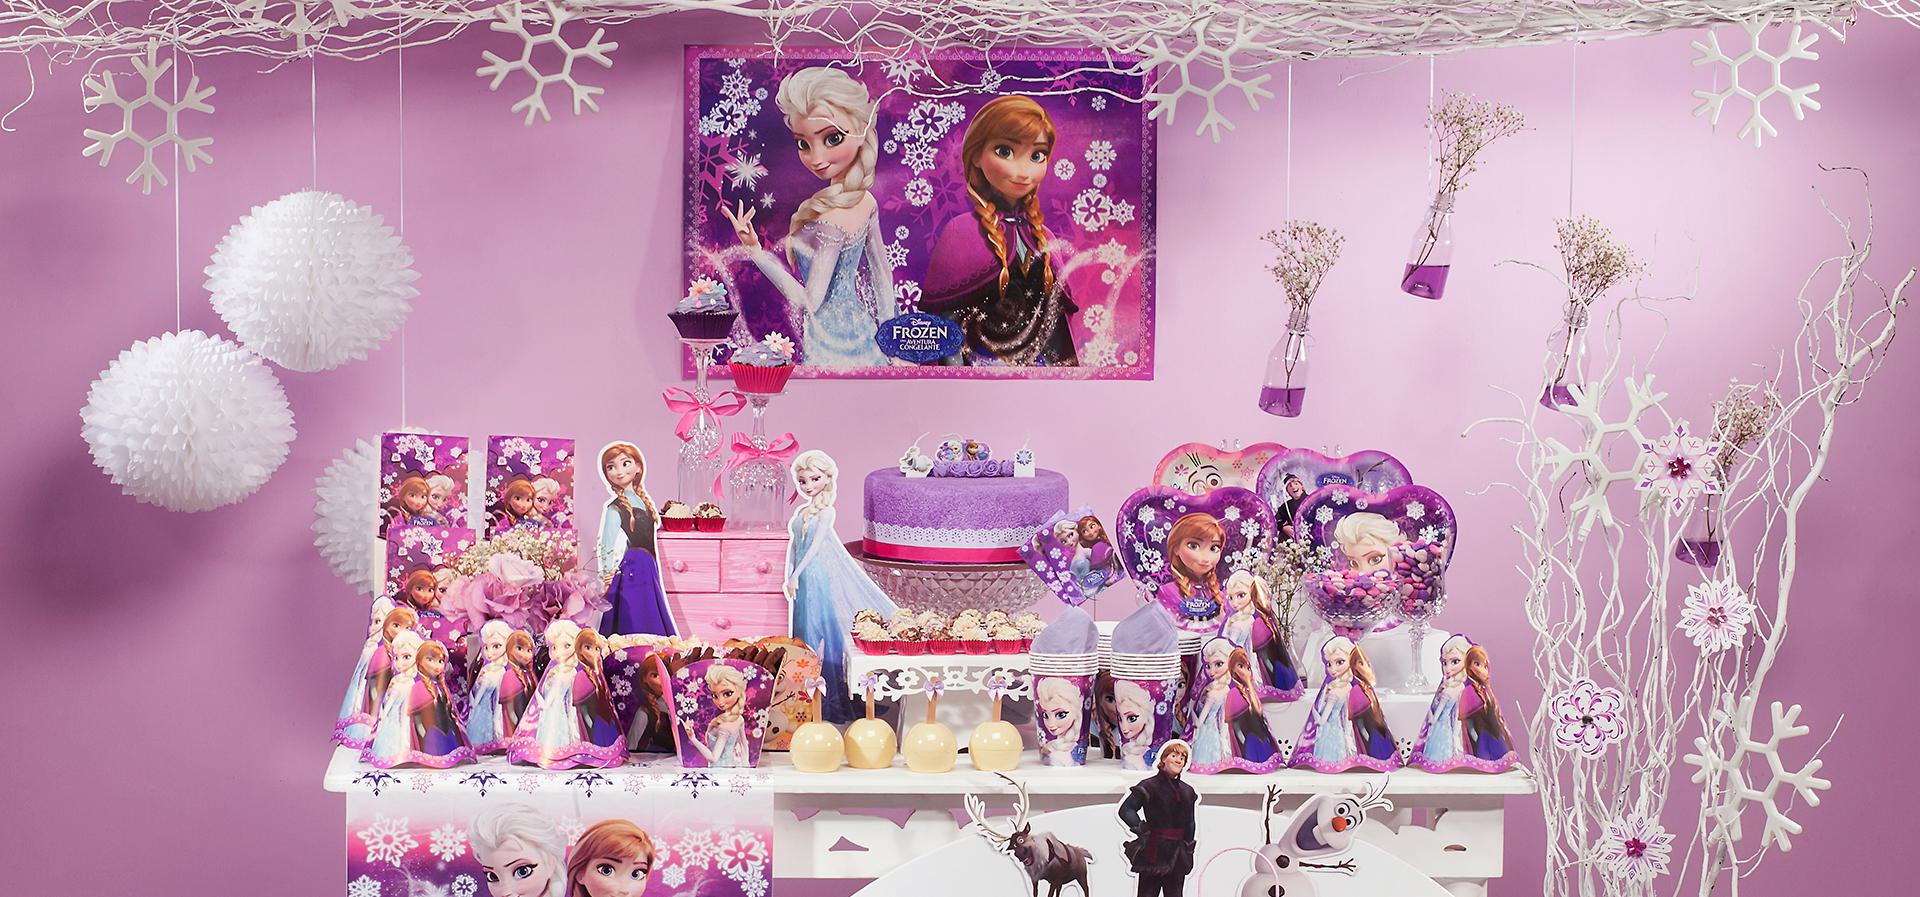 decoracao festa simples:Ideias de decoração Frozen!